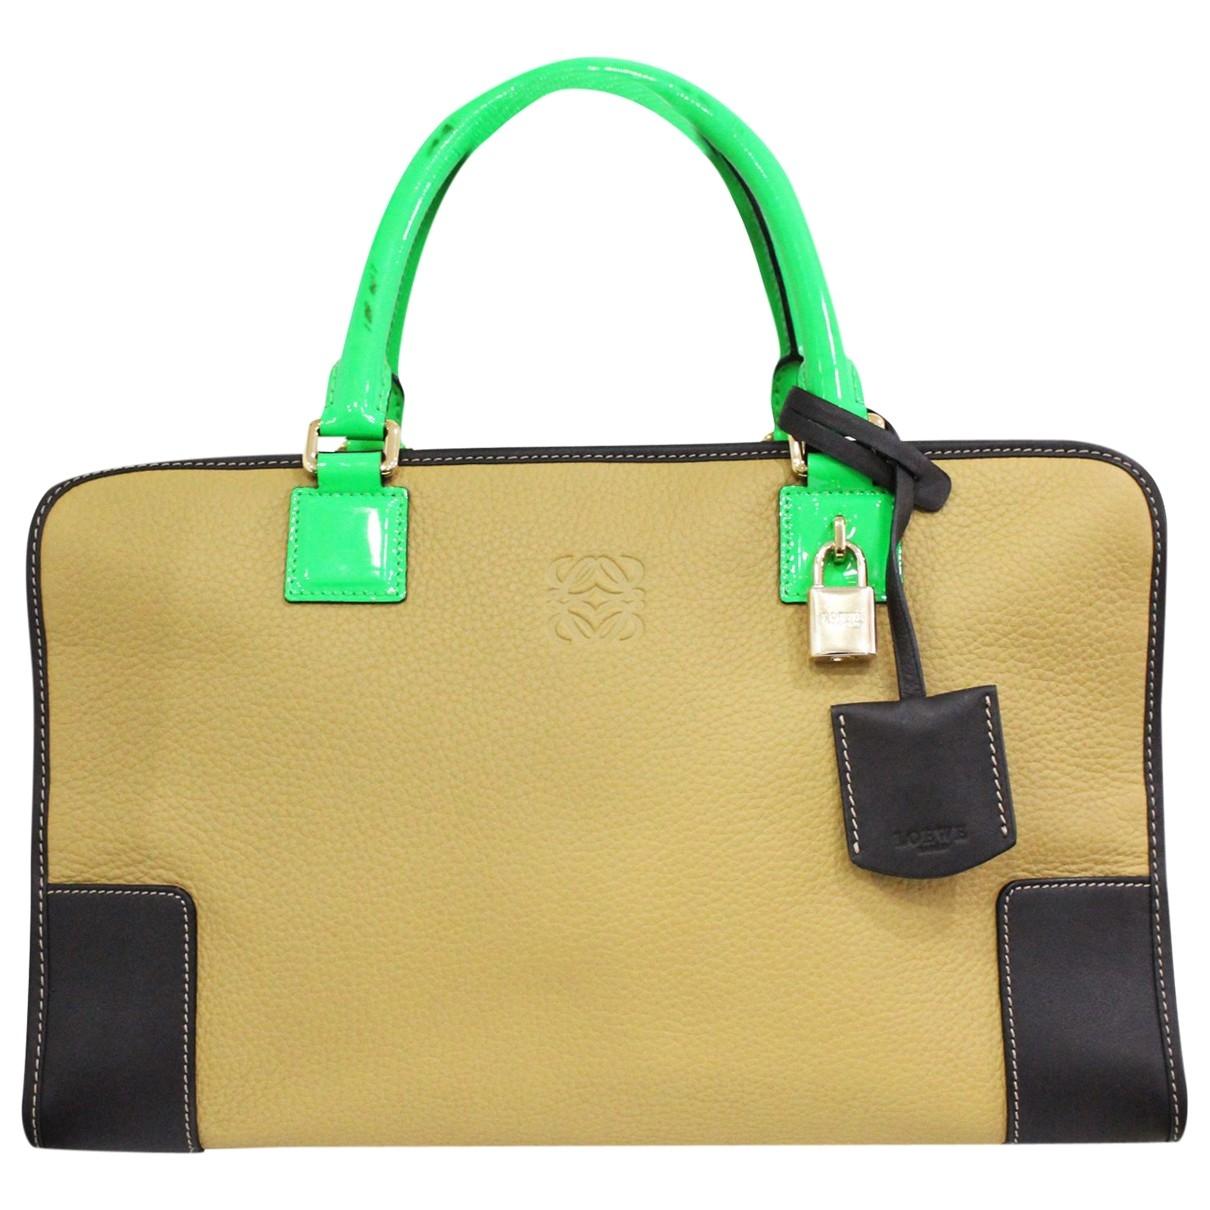 Loewe \N Beige Leather handbag for Women \N